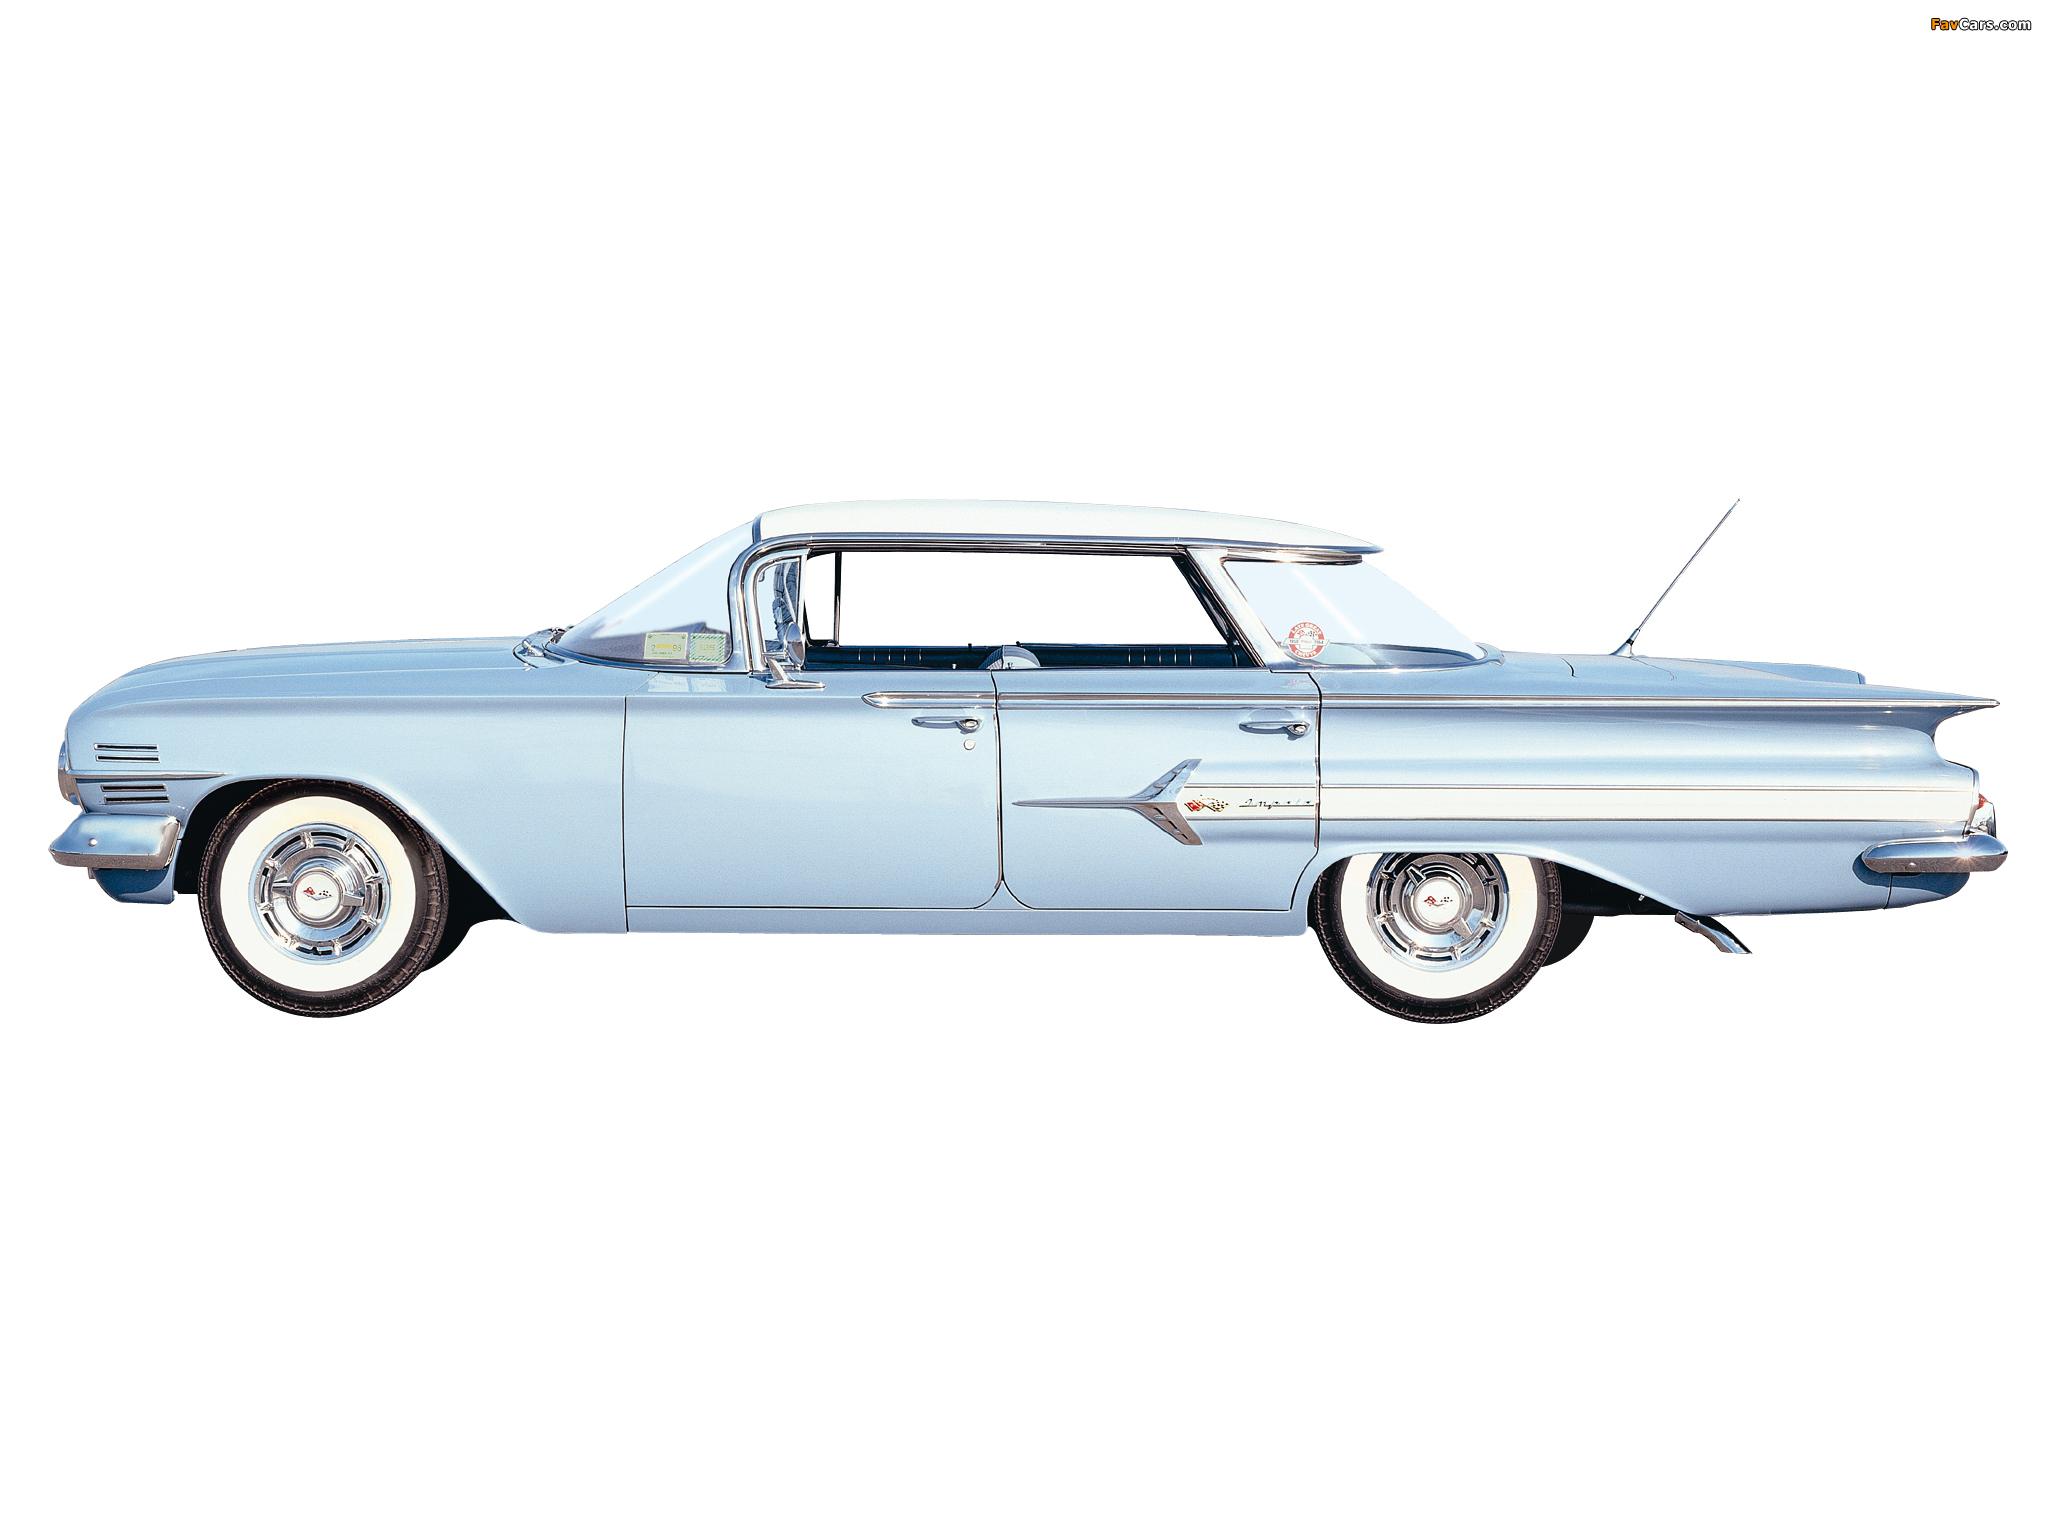 Chevrolet Impala Sport Sedan 1960 Photos 2048x1536